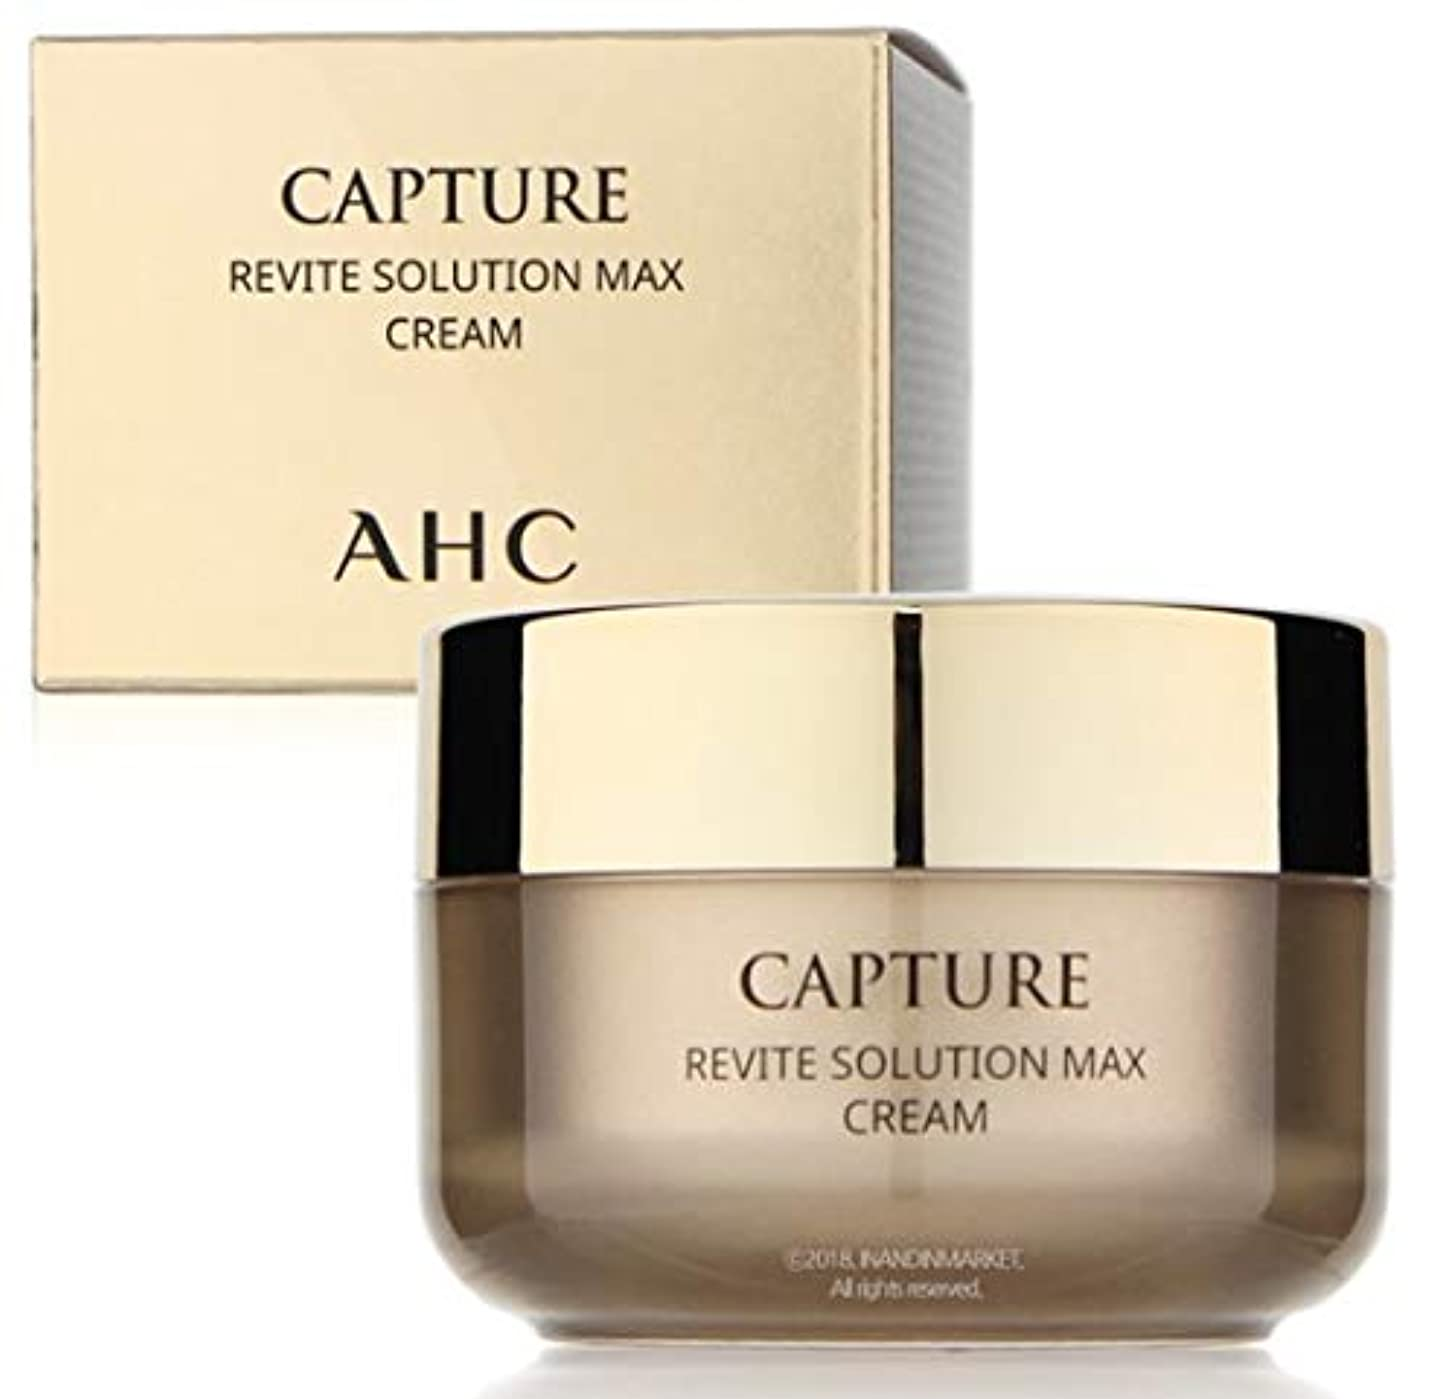 作る見せます名誉AHC Capture Revite Solution Max Cream/キャプチャー リバイト ソリューション マックス クリーム 50ml [並行輸入品]